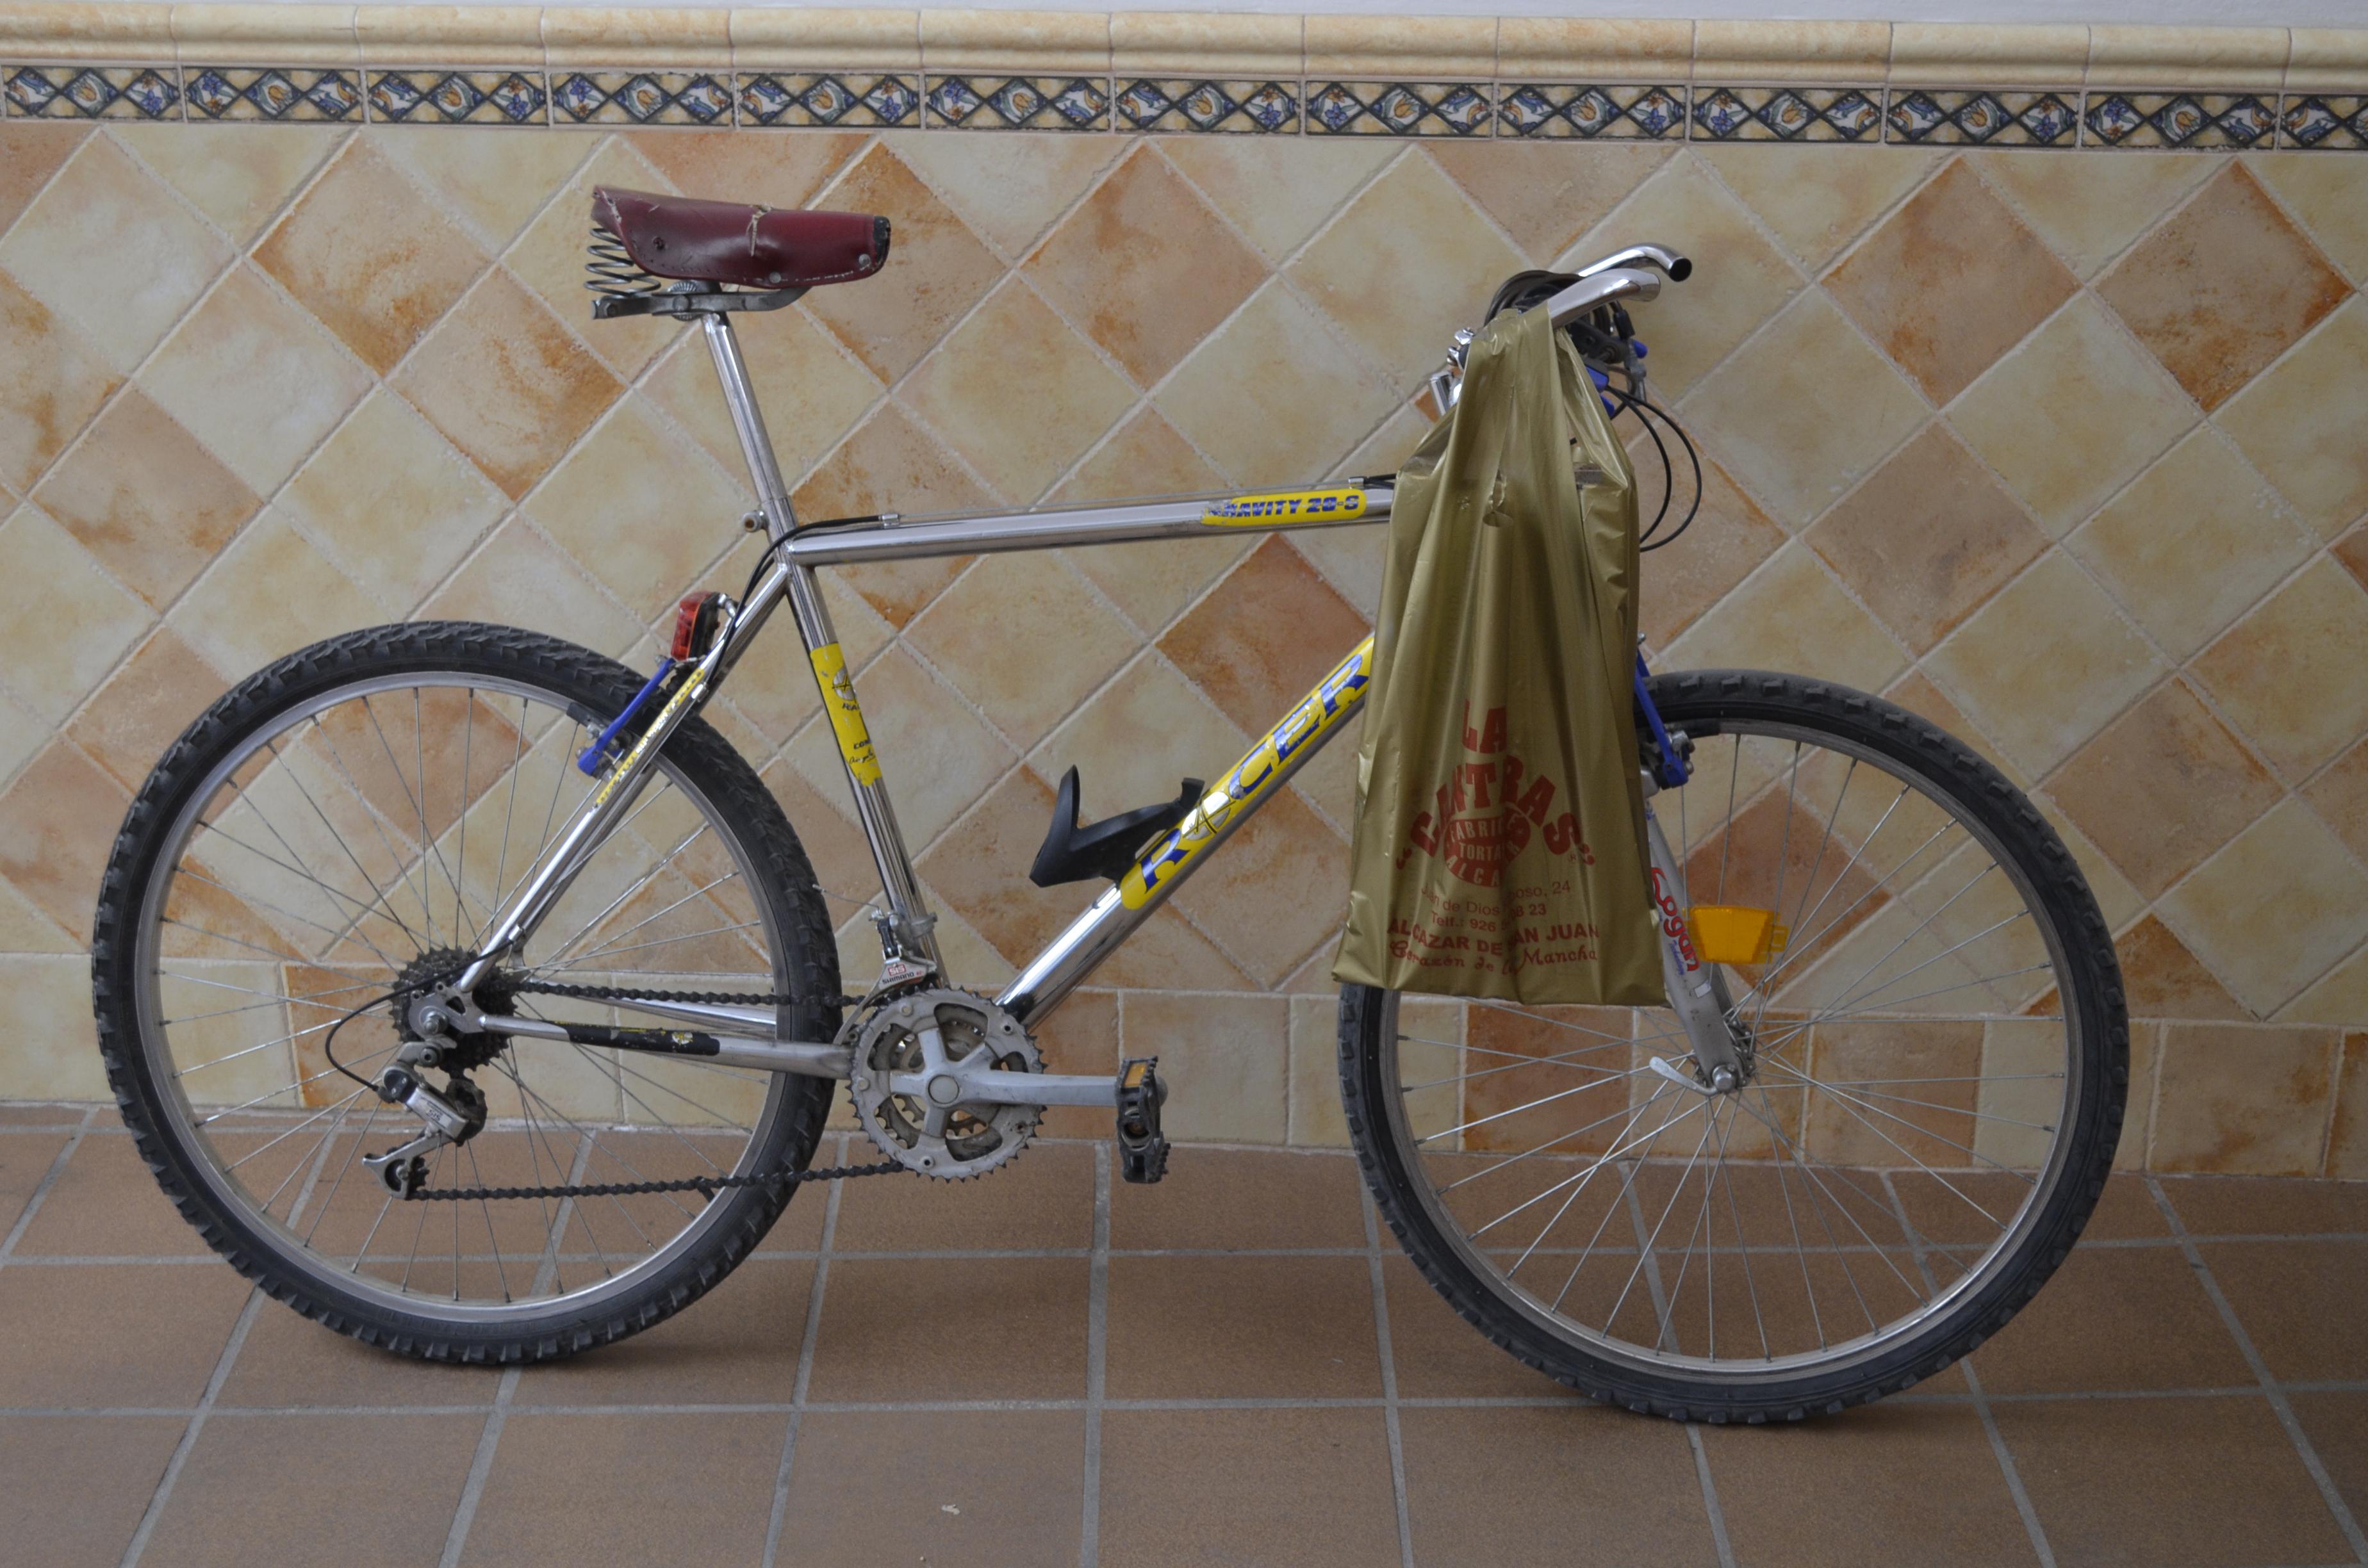 Bolsa con docena de tortas de Alcazar enganchada en el manillar de la bicicleta par recoger los pedidos en el horno y llevarlo a la empresa de transportes